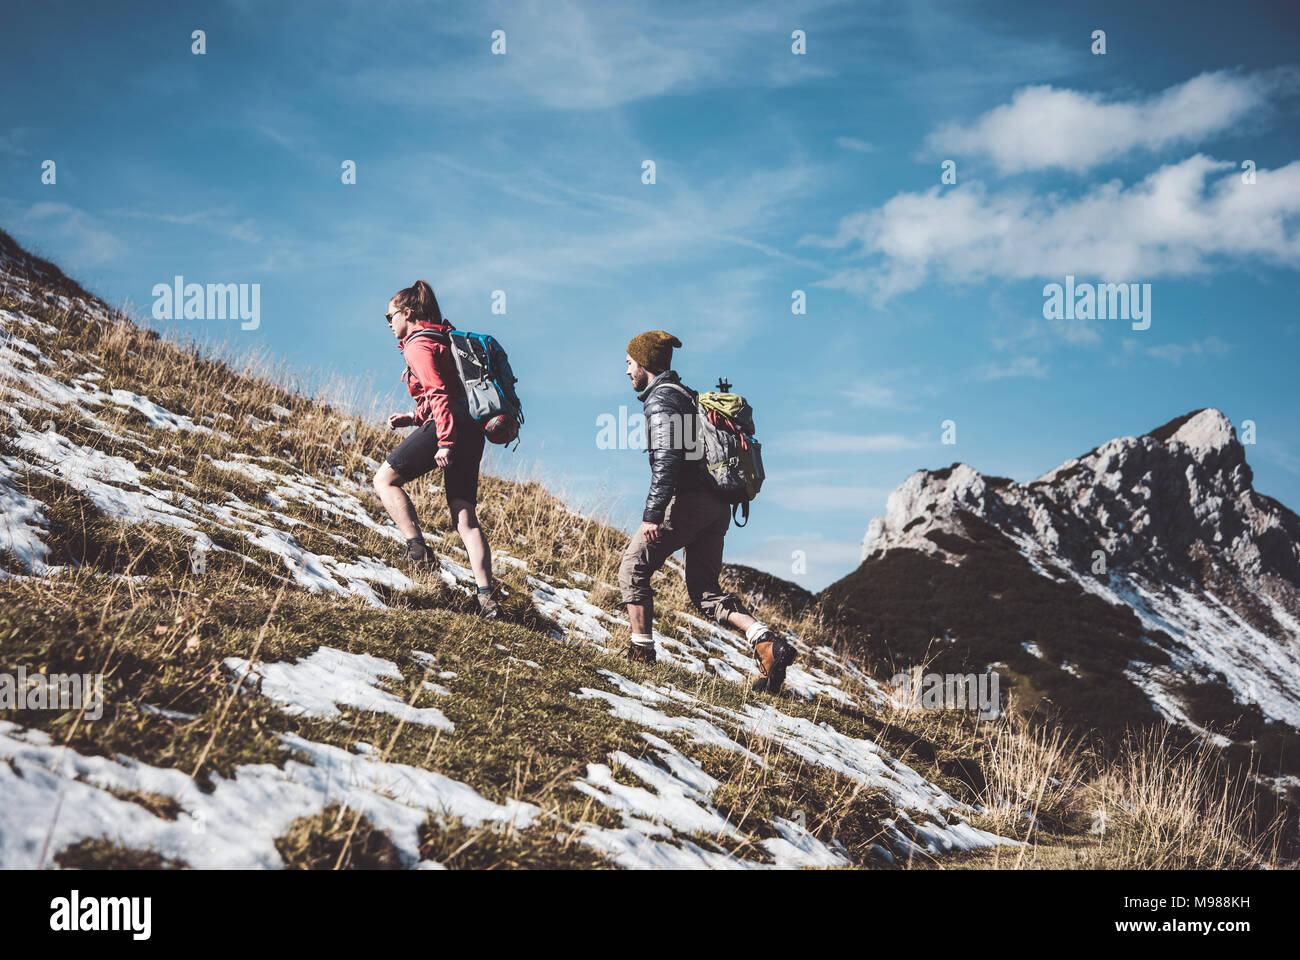 Austria, Tirolo, coppia giovane escursioni in montagna Immagini Stock